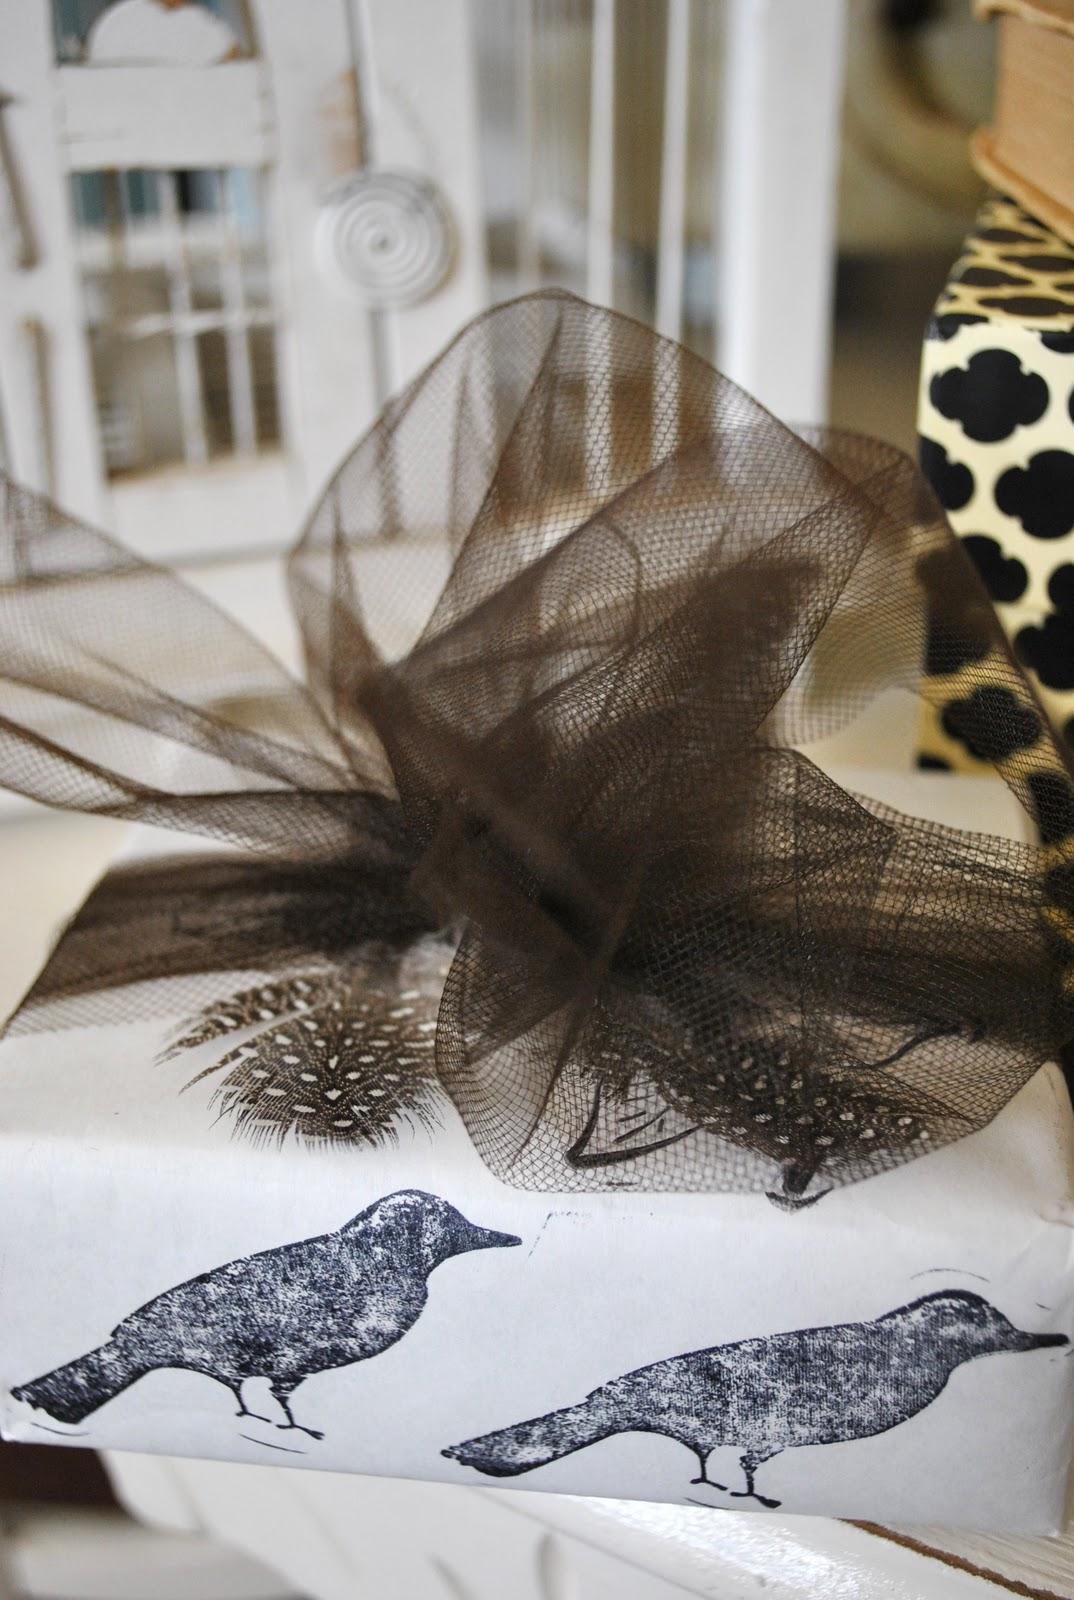 http://4.bp.blogspot.com/-8YeFAzQccYo/TupzV3klAhI/AAAAAAAABZs/tMJW00mOYQE/s1600/stamped+bird+box.JPG